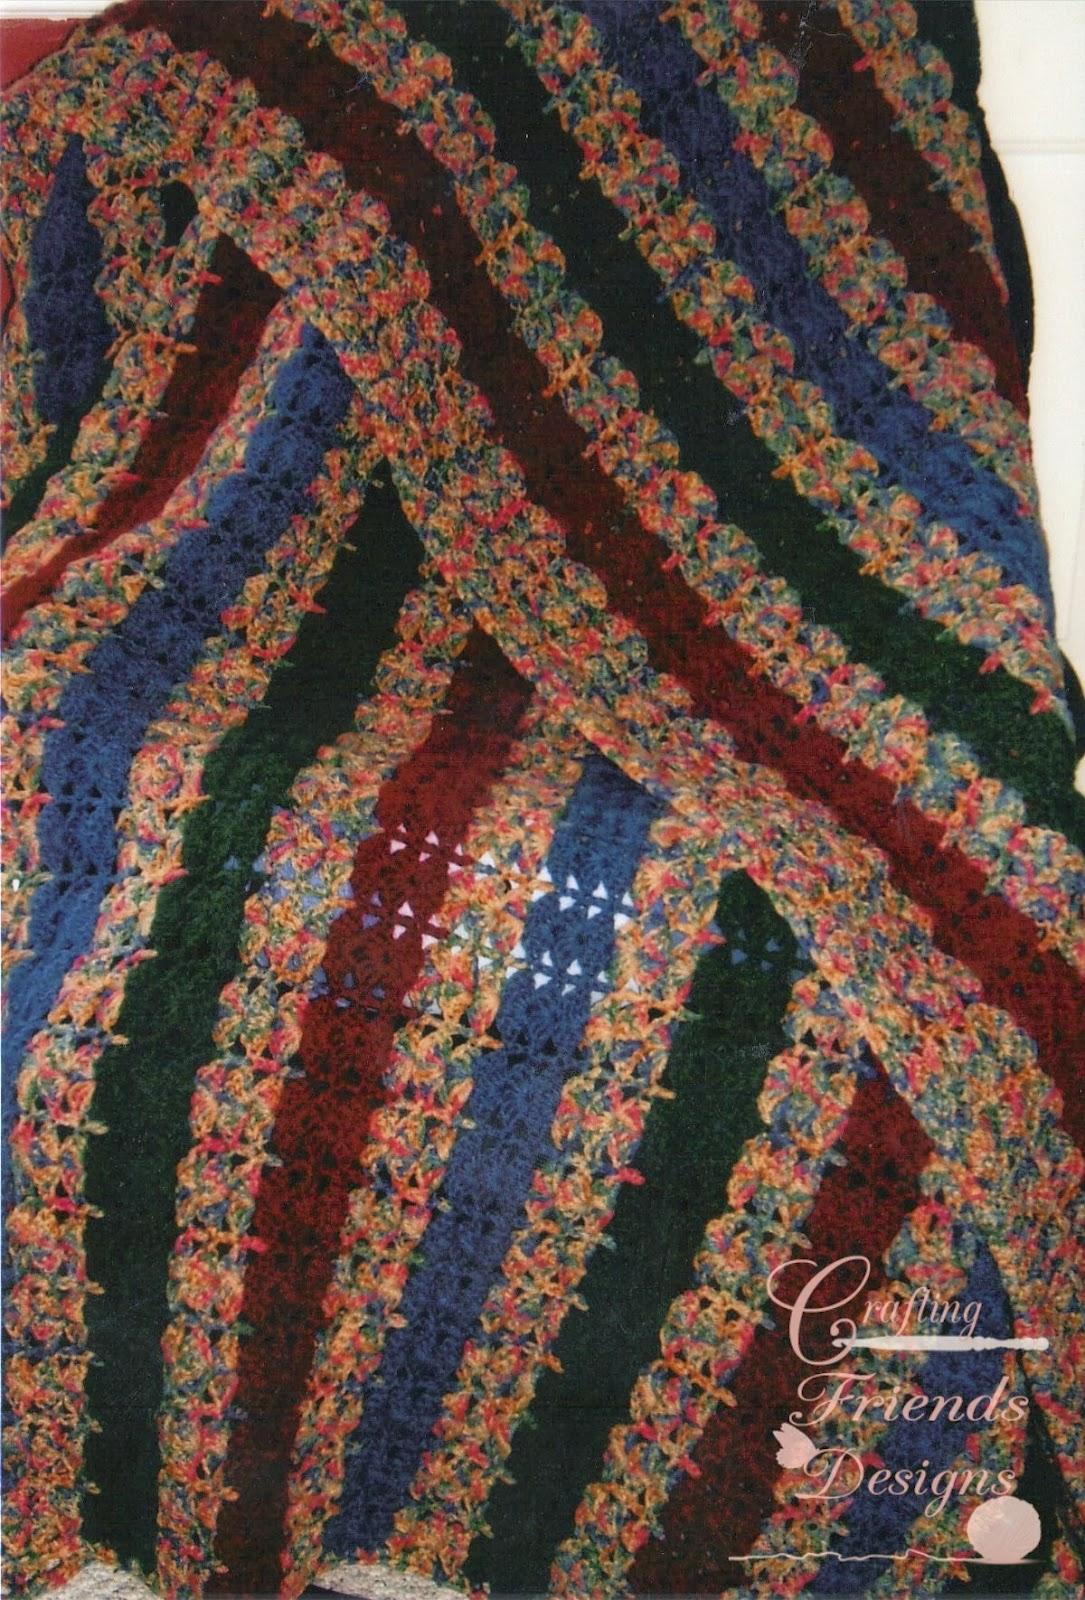 Rainbow Crochet Blanket Squares